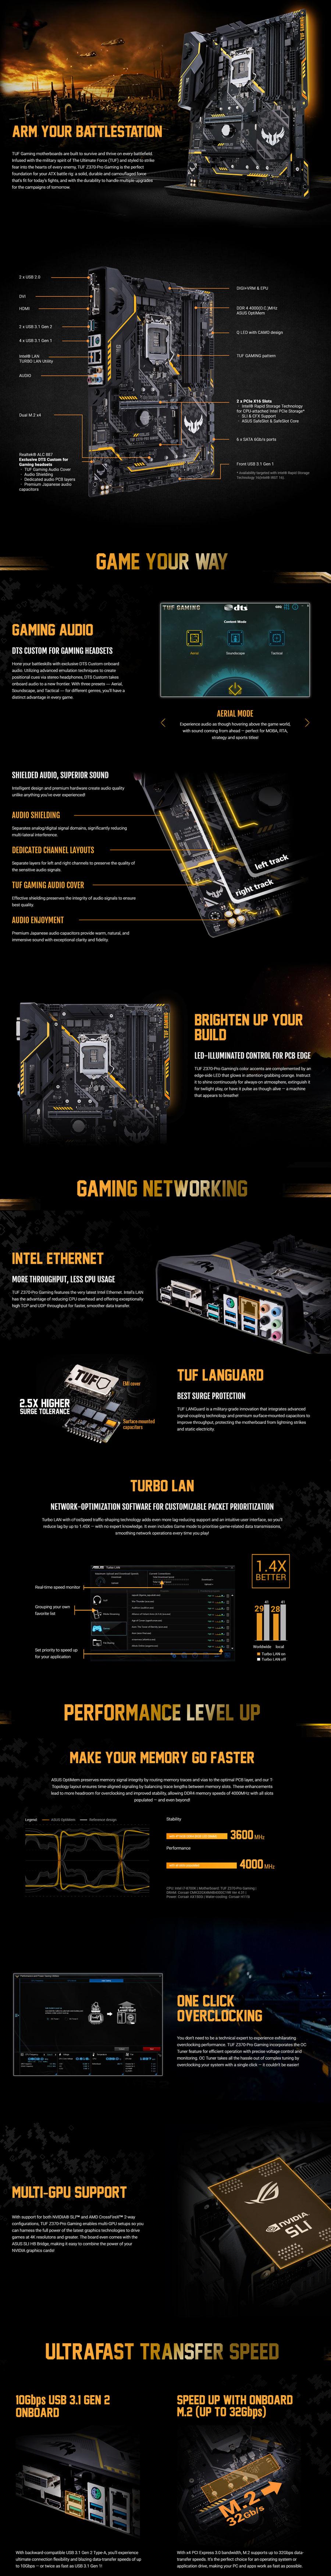 Asus TUF PRO Z370 Gaming